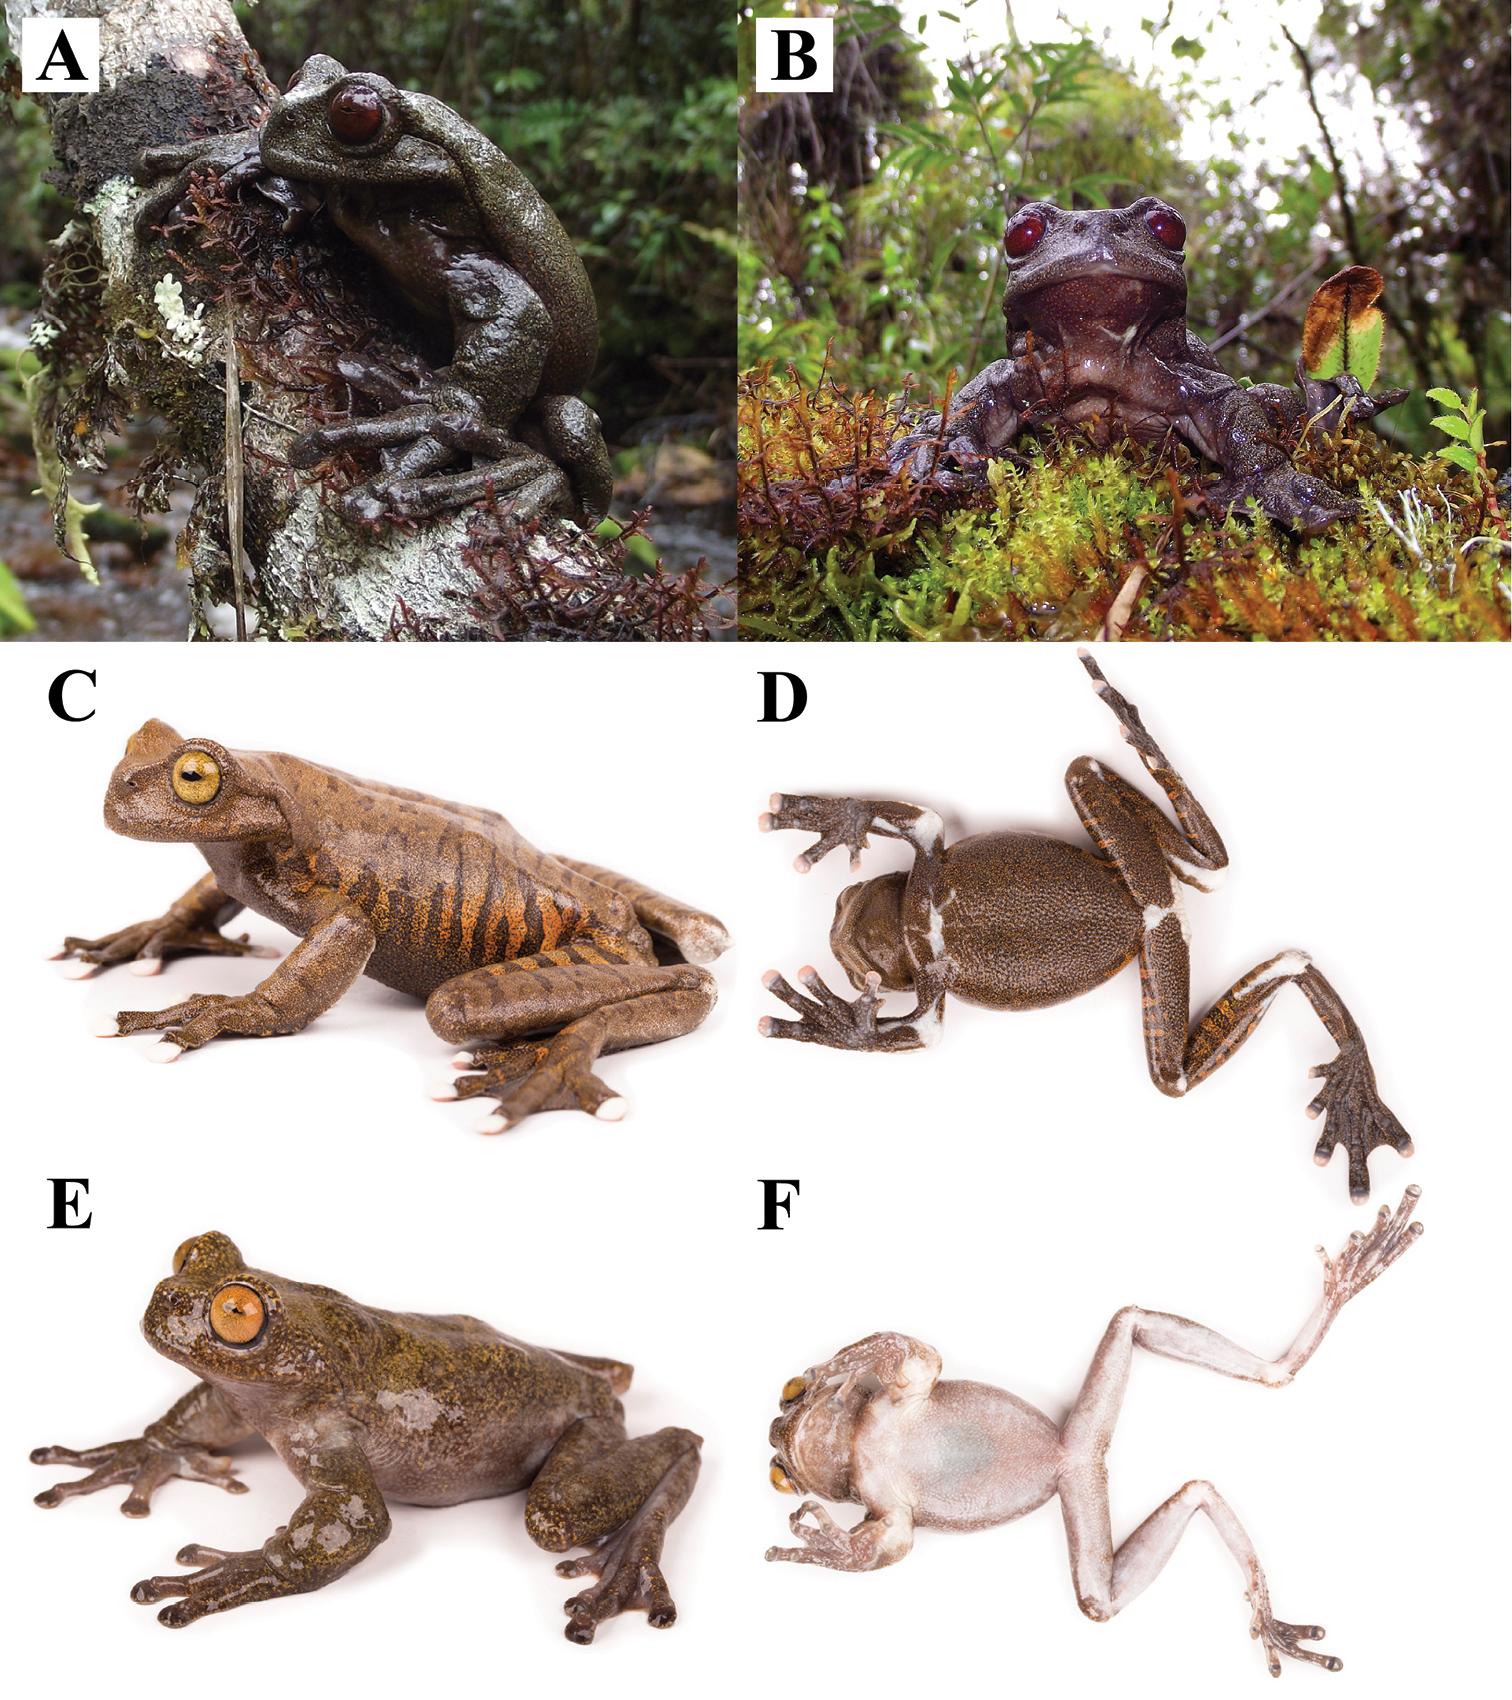 A, B: Hyloscirtus diabolus, macho adulto. C, D: H. tapichalaca, hembra adulta. E, F: H. condor, macho adulto. Fotos: Karla García-Burneo, Diego Quirola y Santiago Ron.